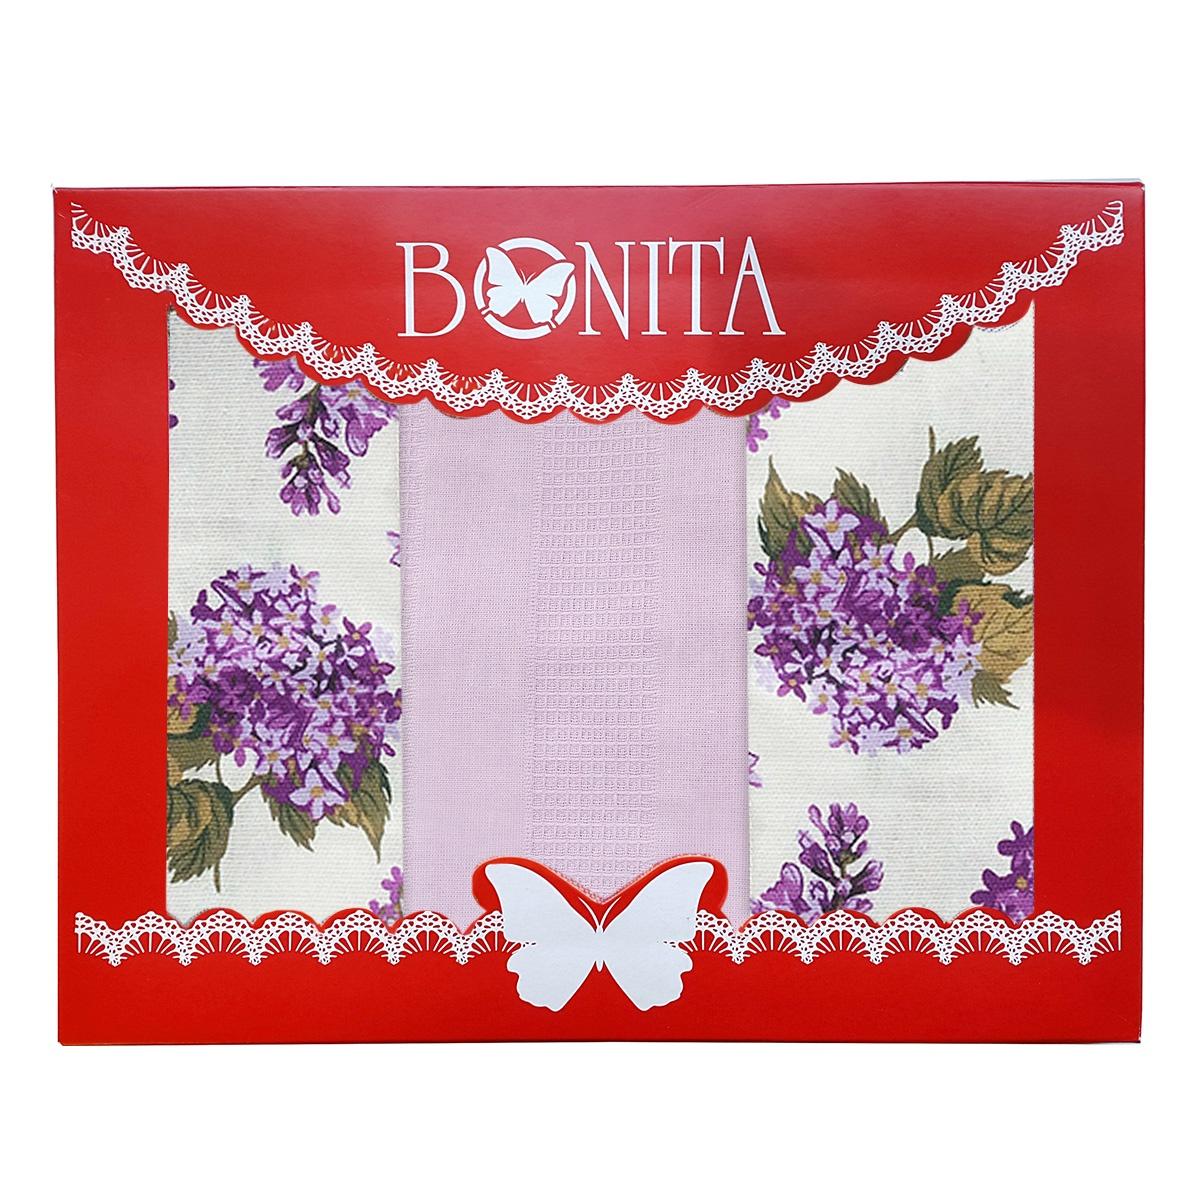 Подарочный набор из полотенец Bonita Лиловый букет, 11010817008, белый, фиолетовый, 3 шт зубная паста babyline тутти фрутти